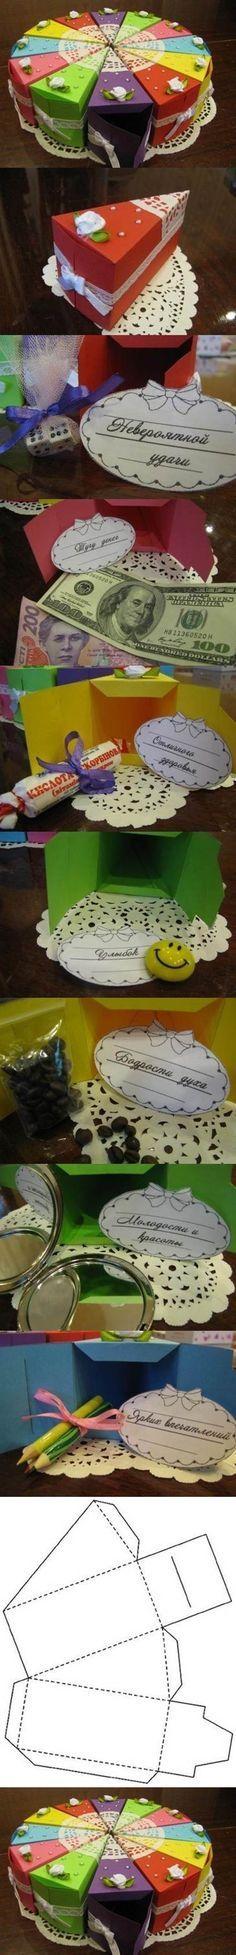 Torta en forma de cajas de regalo DIY 2